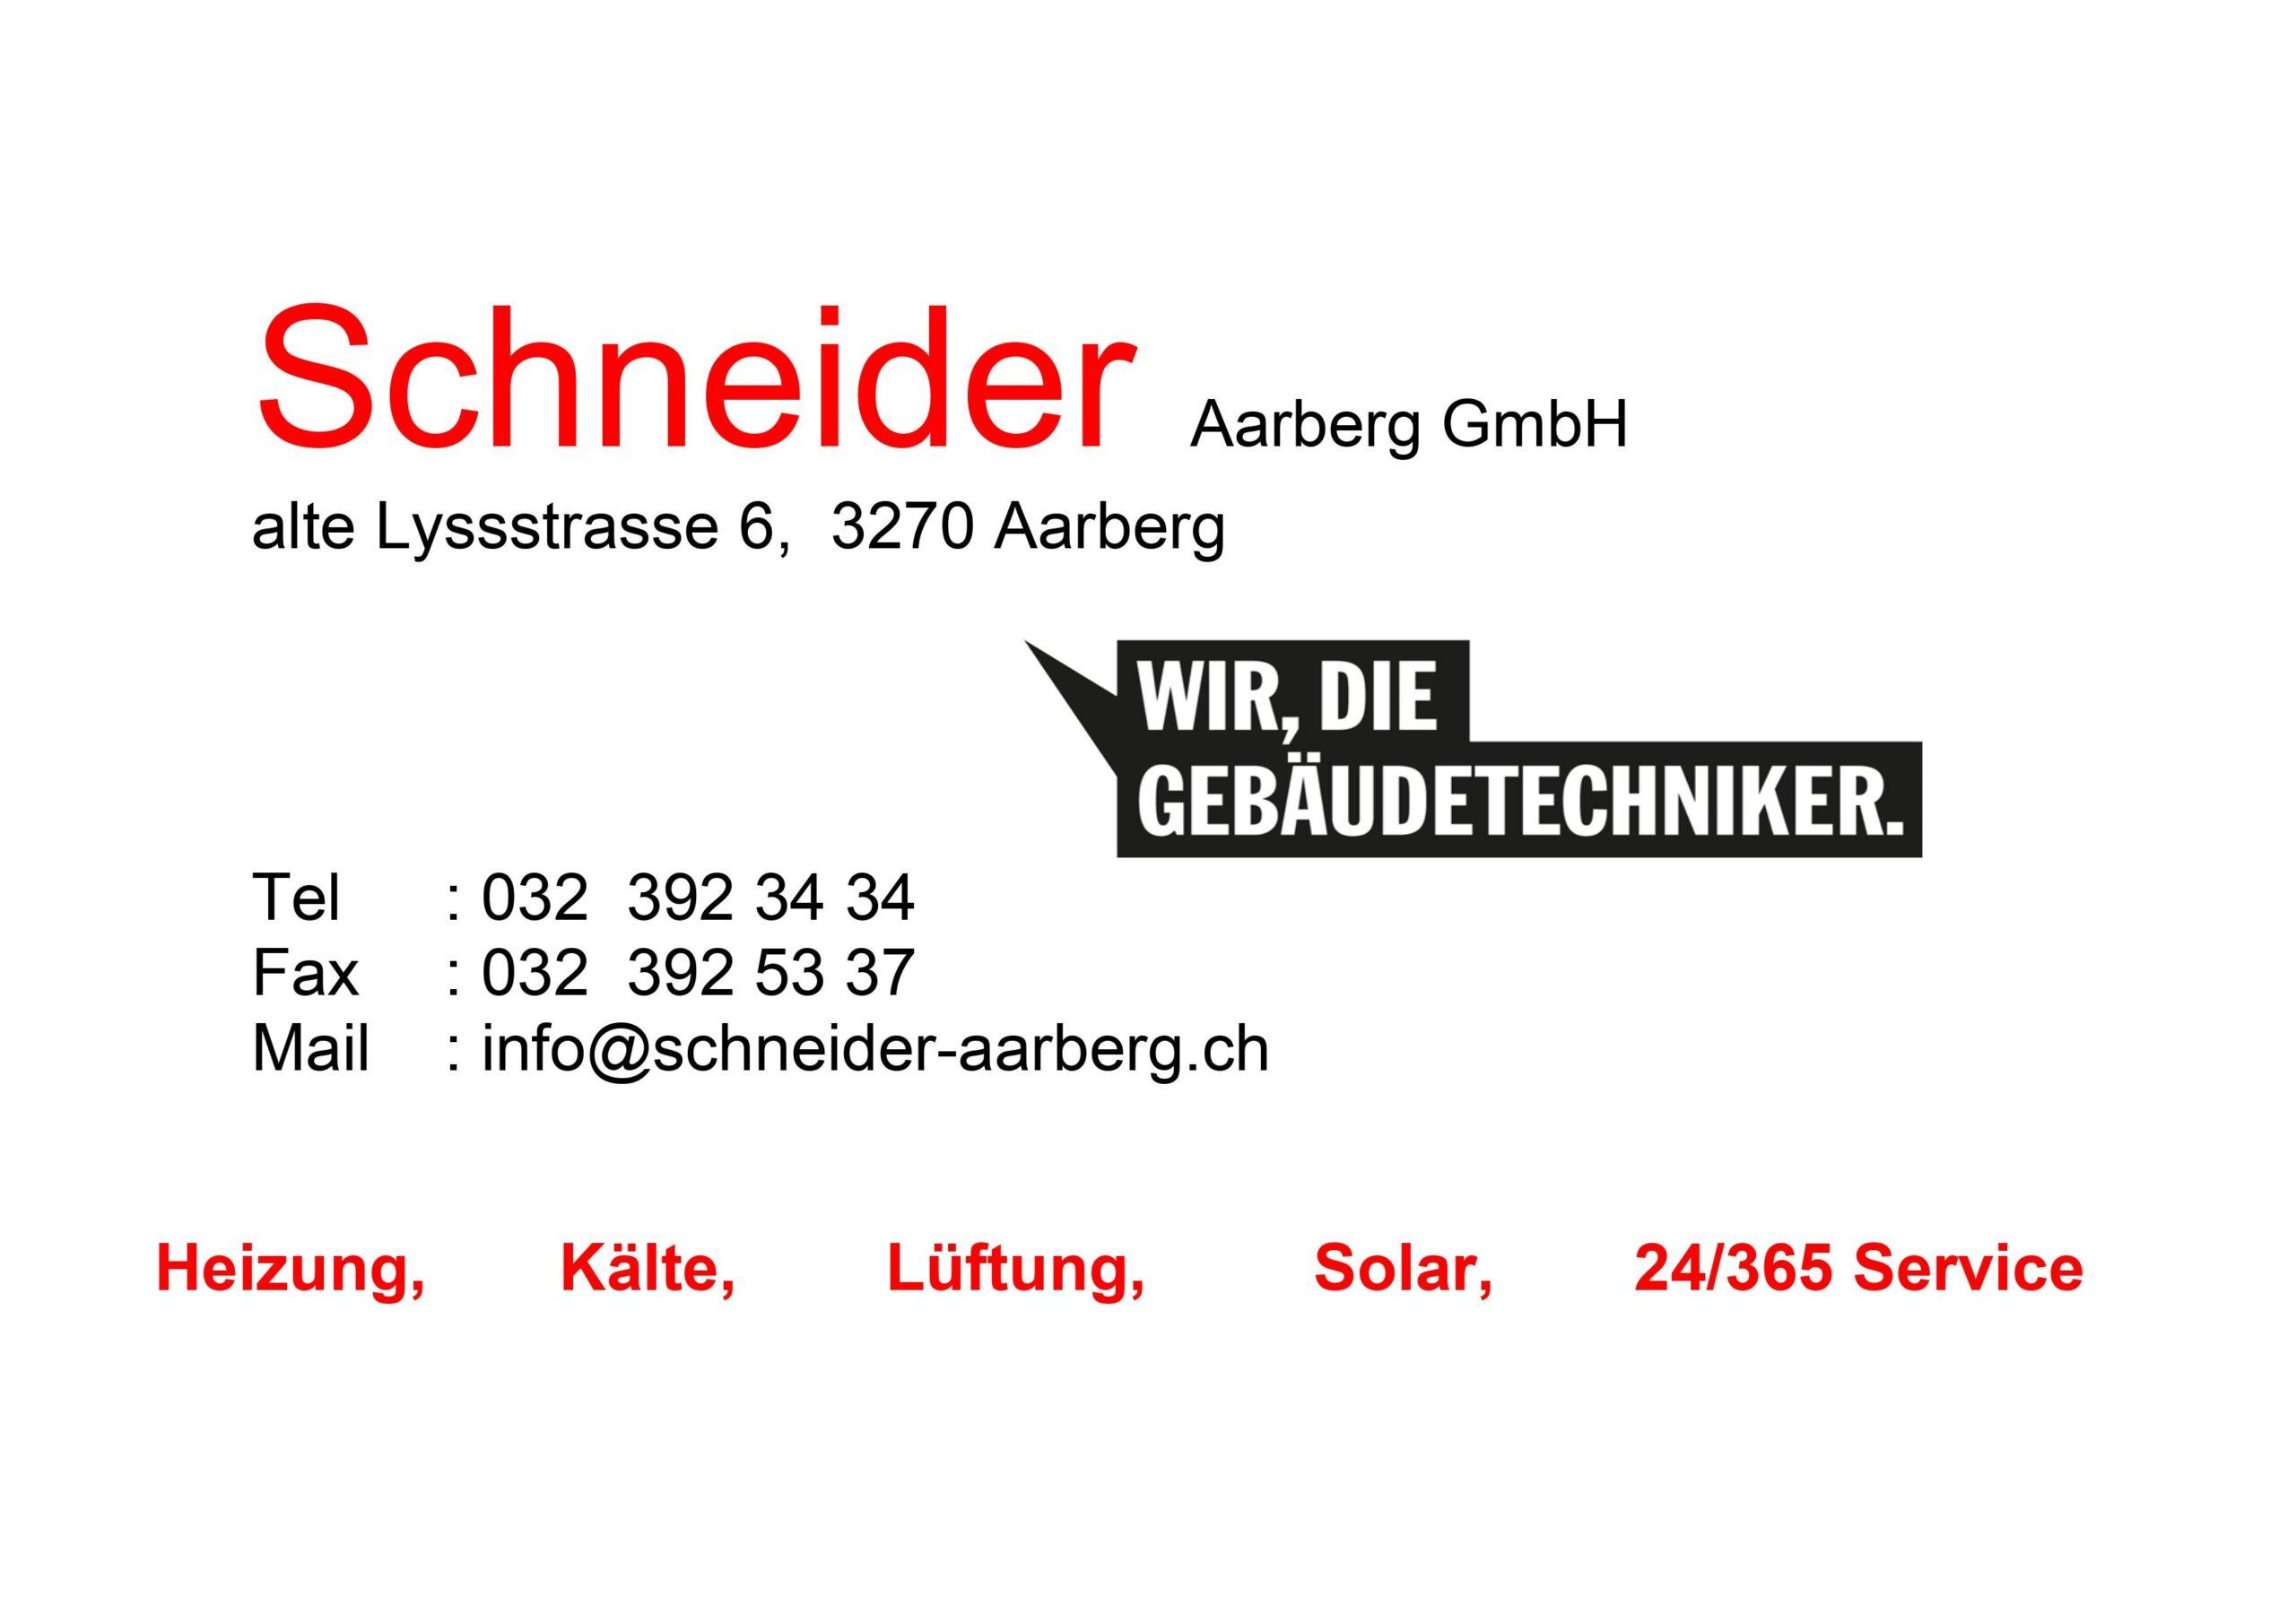 Schneider Aarberg